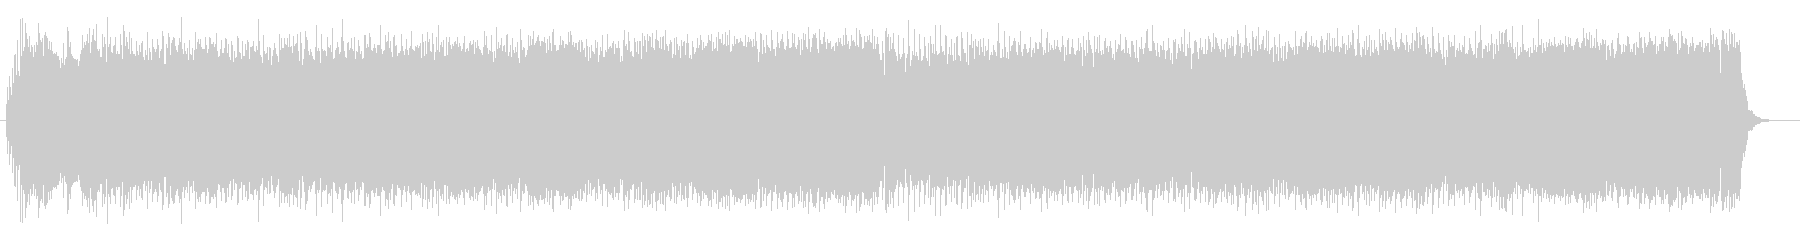 クールで軽快なシンセとエレキサウンドの未再生の波形